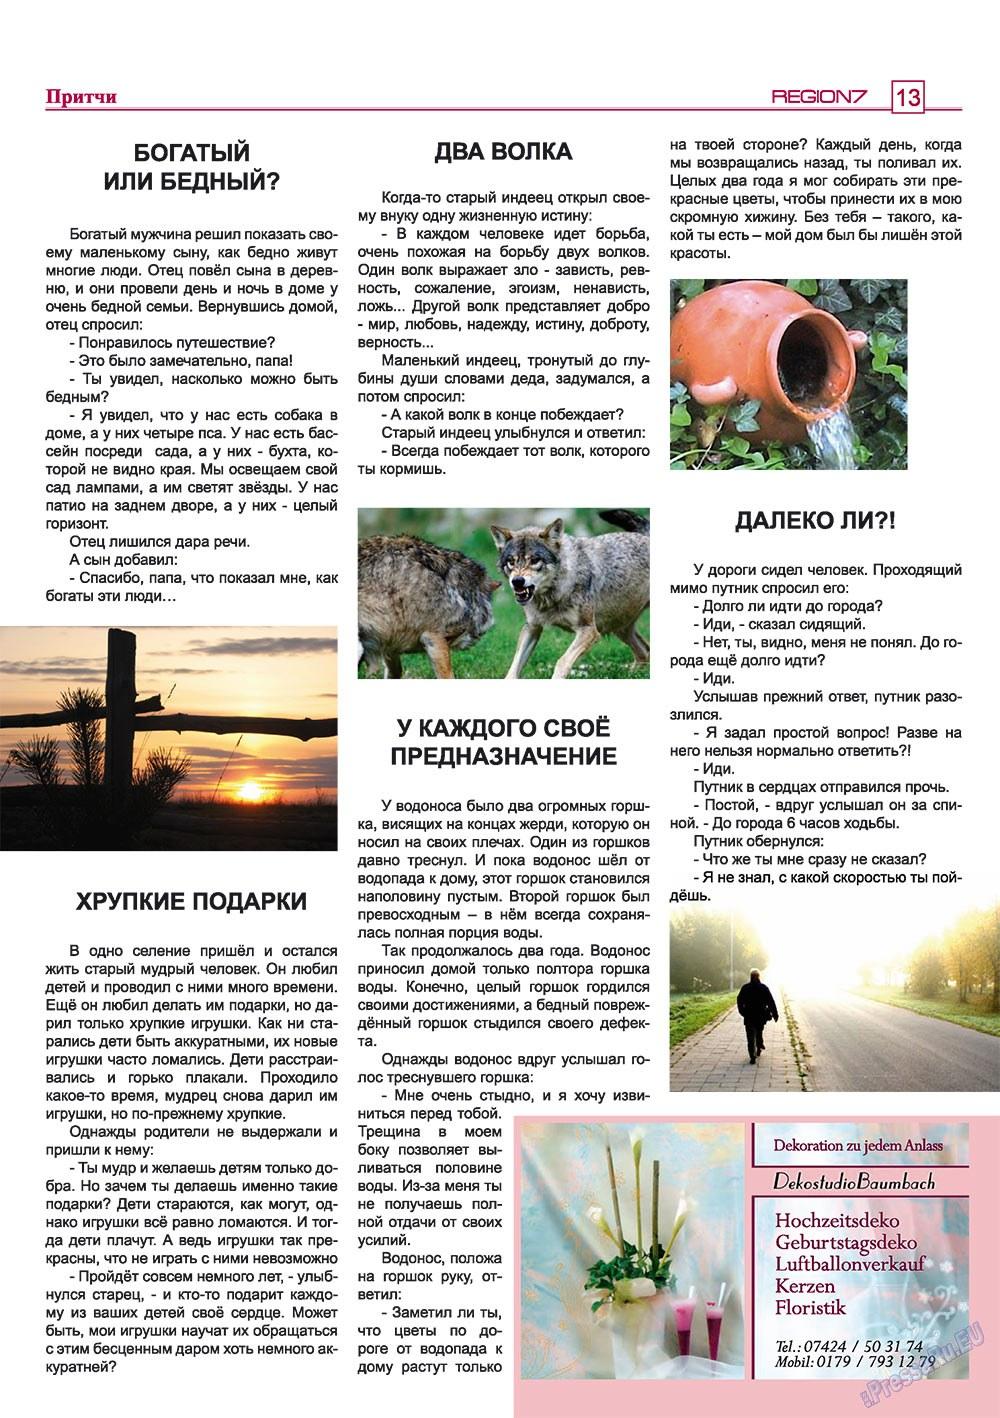 Регион (журнал). 2009 год, номер 4, стр. 13